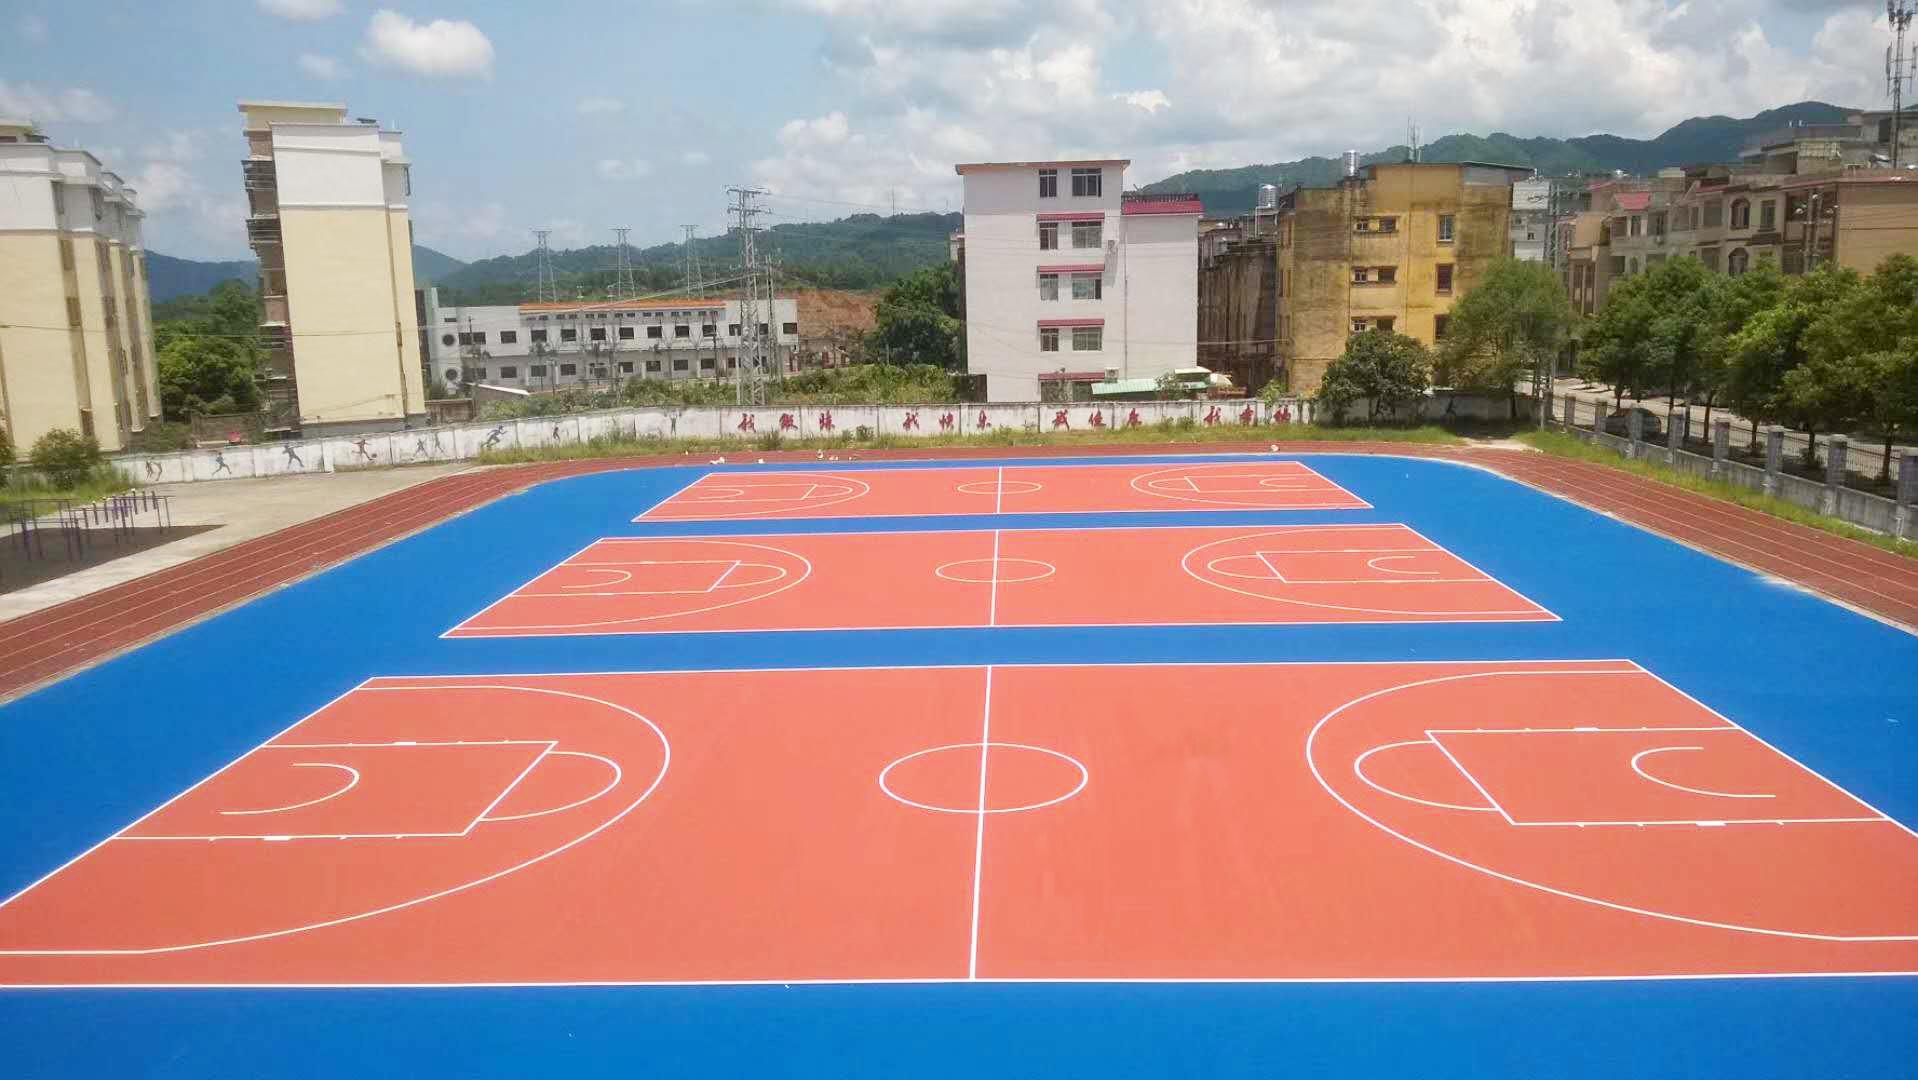 广西硅PU篮球场,硅PU篮球场画线施工一 定要掌握的场地尺寸参数